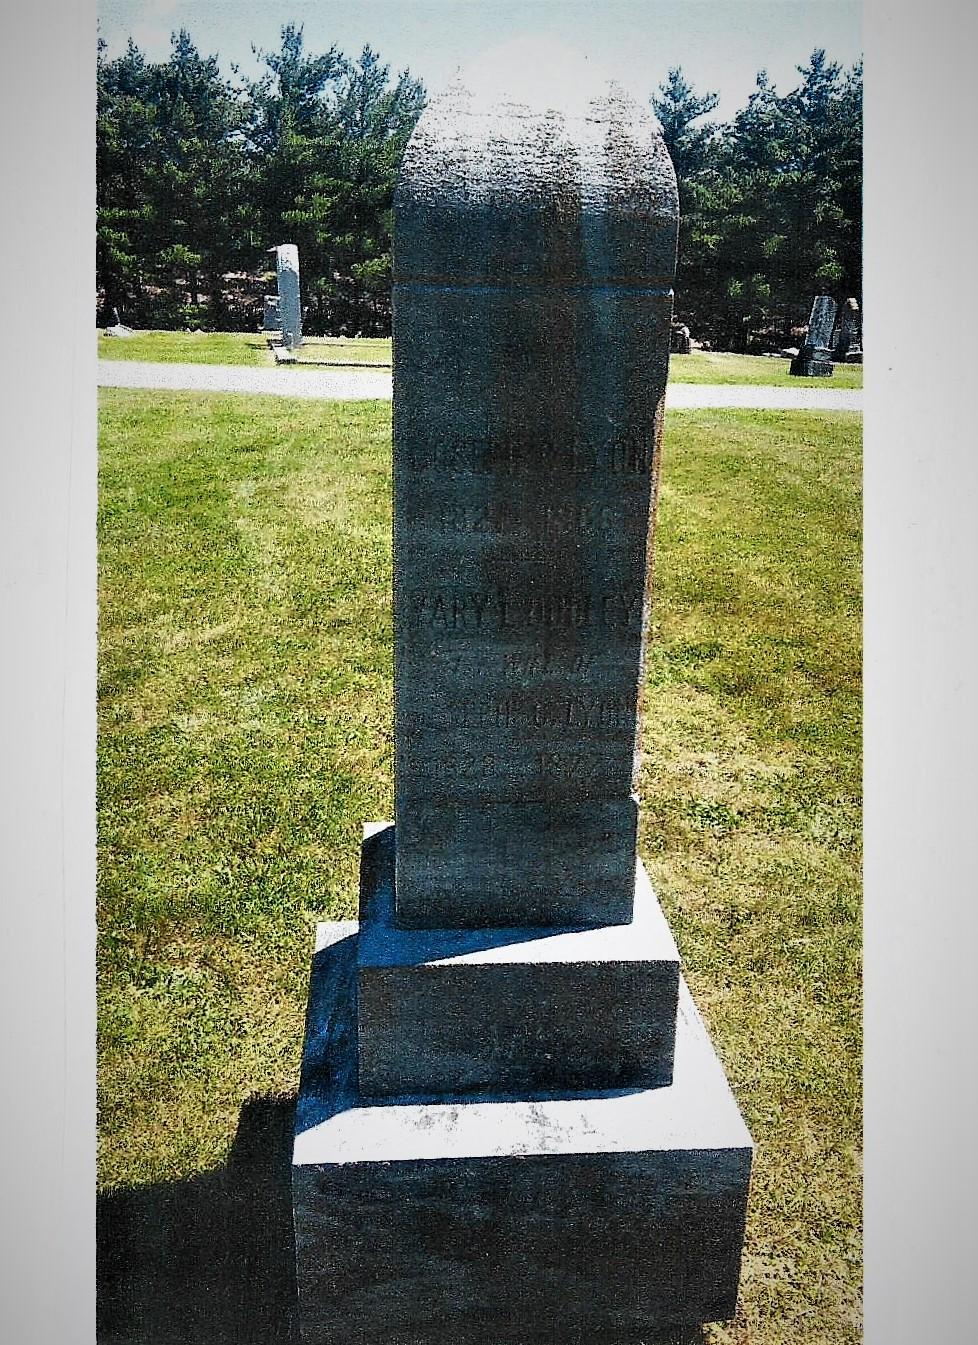 Lyon, Joseph Cloud, Grave Stone 3 001